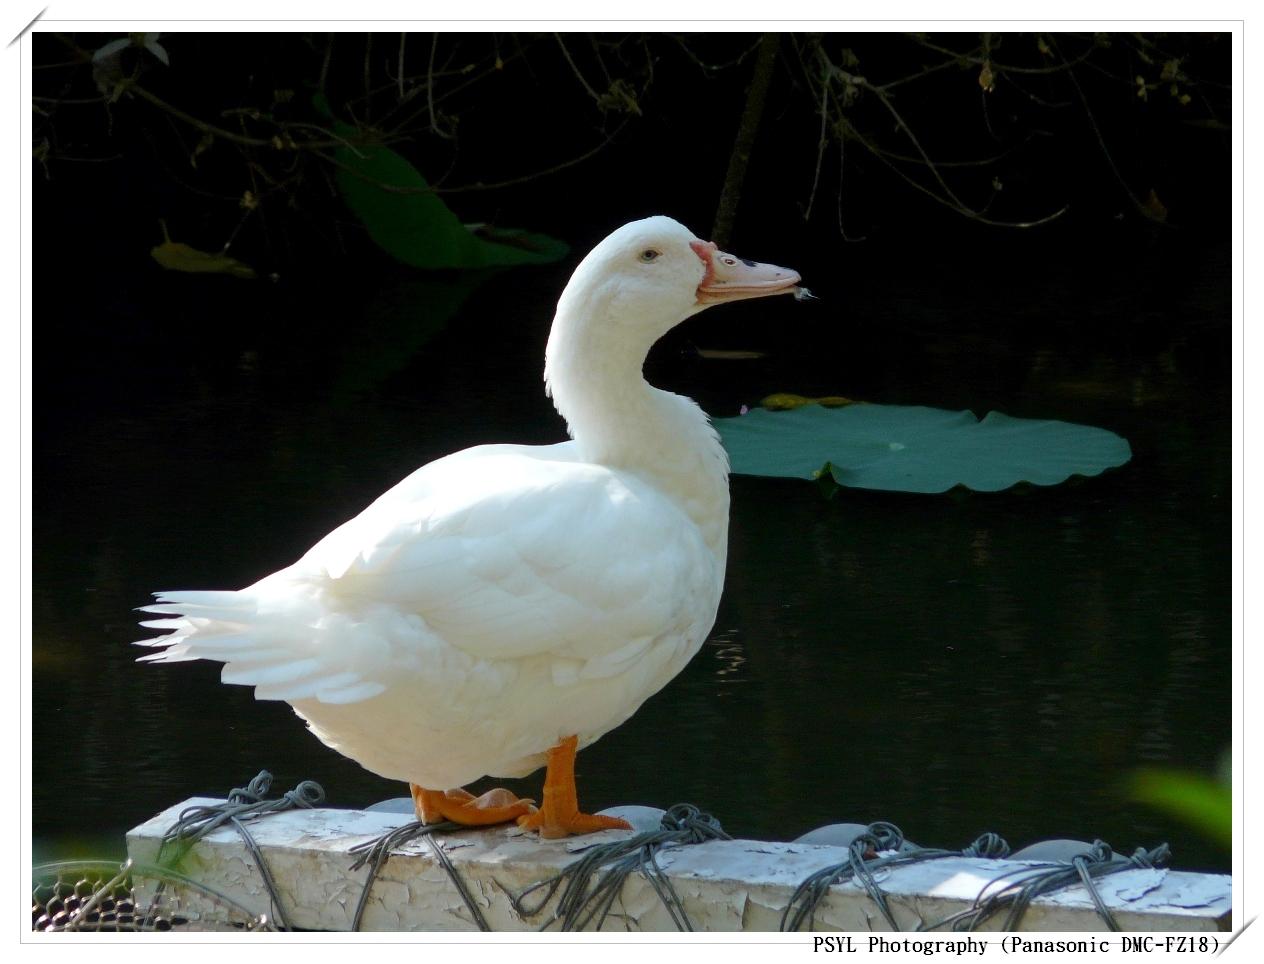 Ducky in TBG